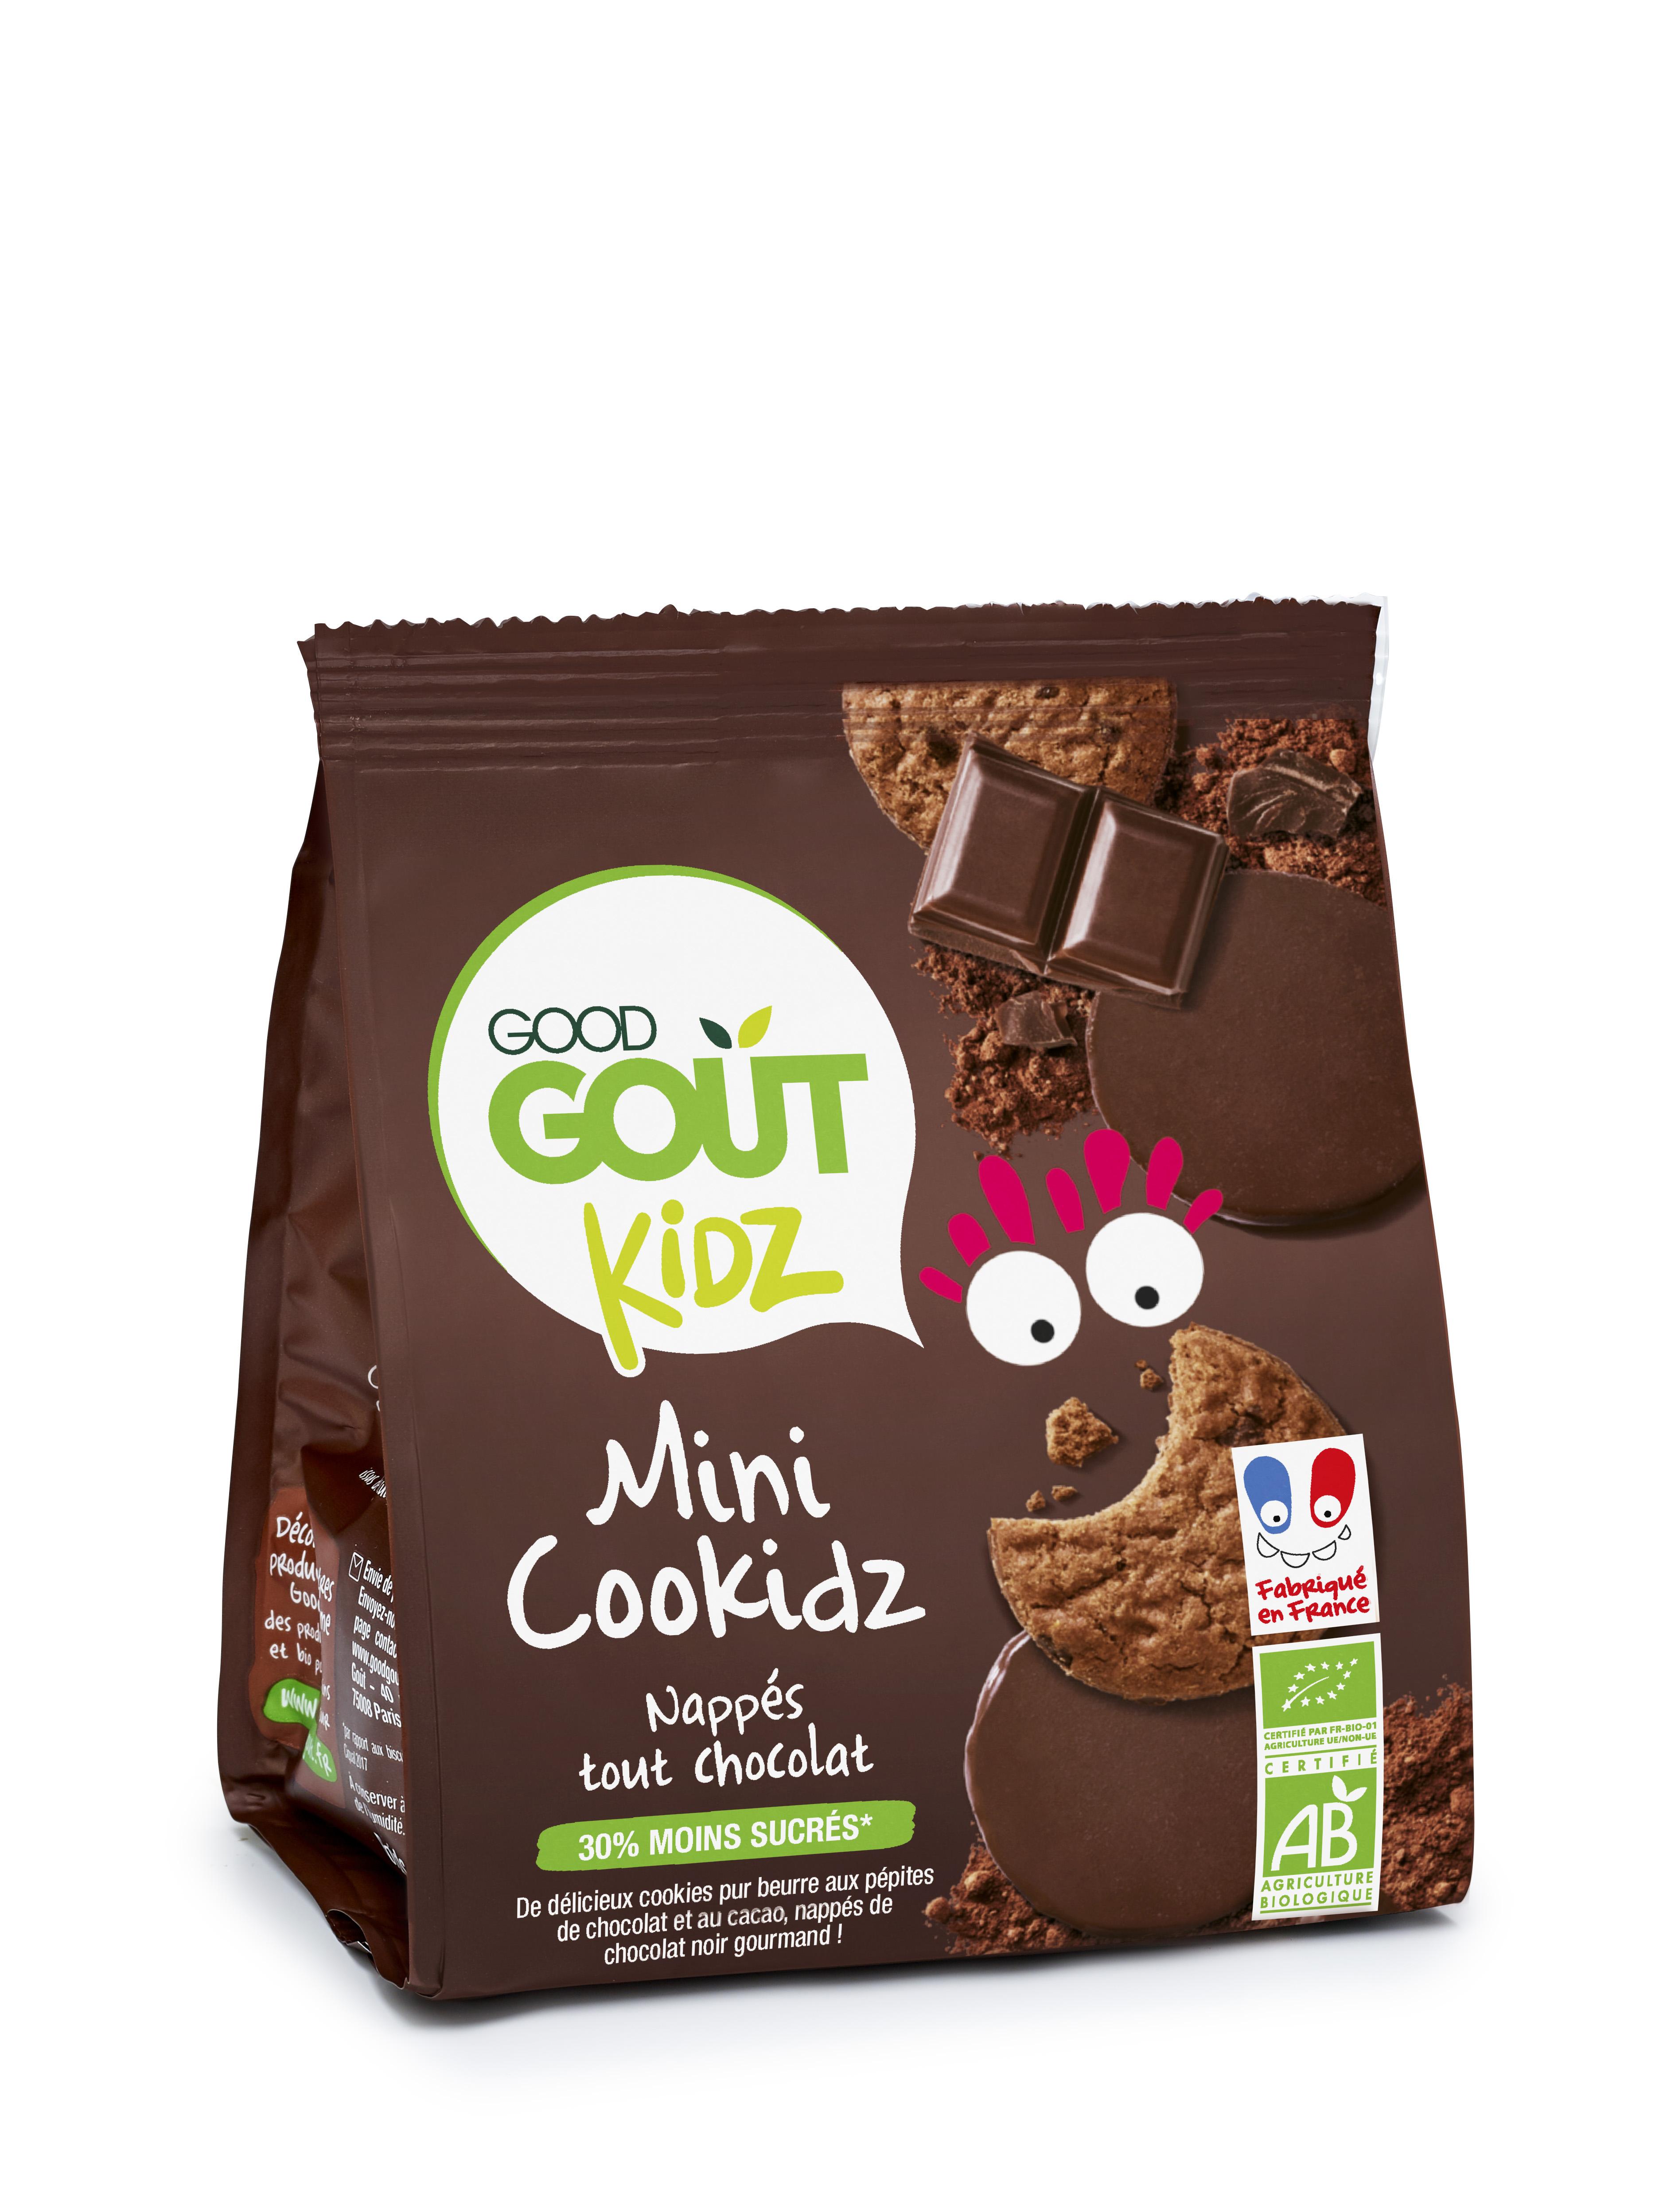 Cookidz nappés chocolat BIO - dès 3 ans, Good Goût Kid'z (115 g)